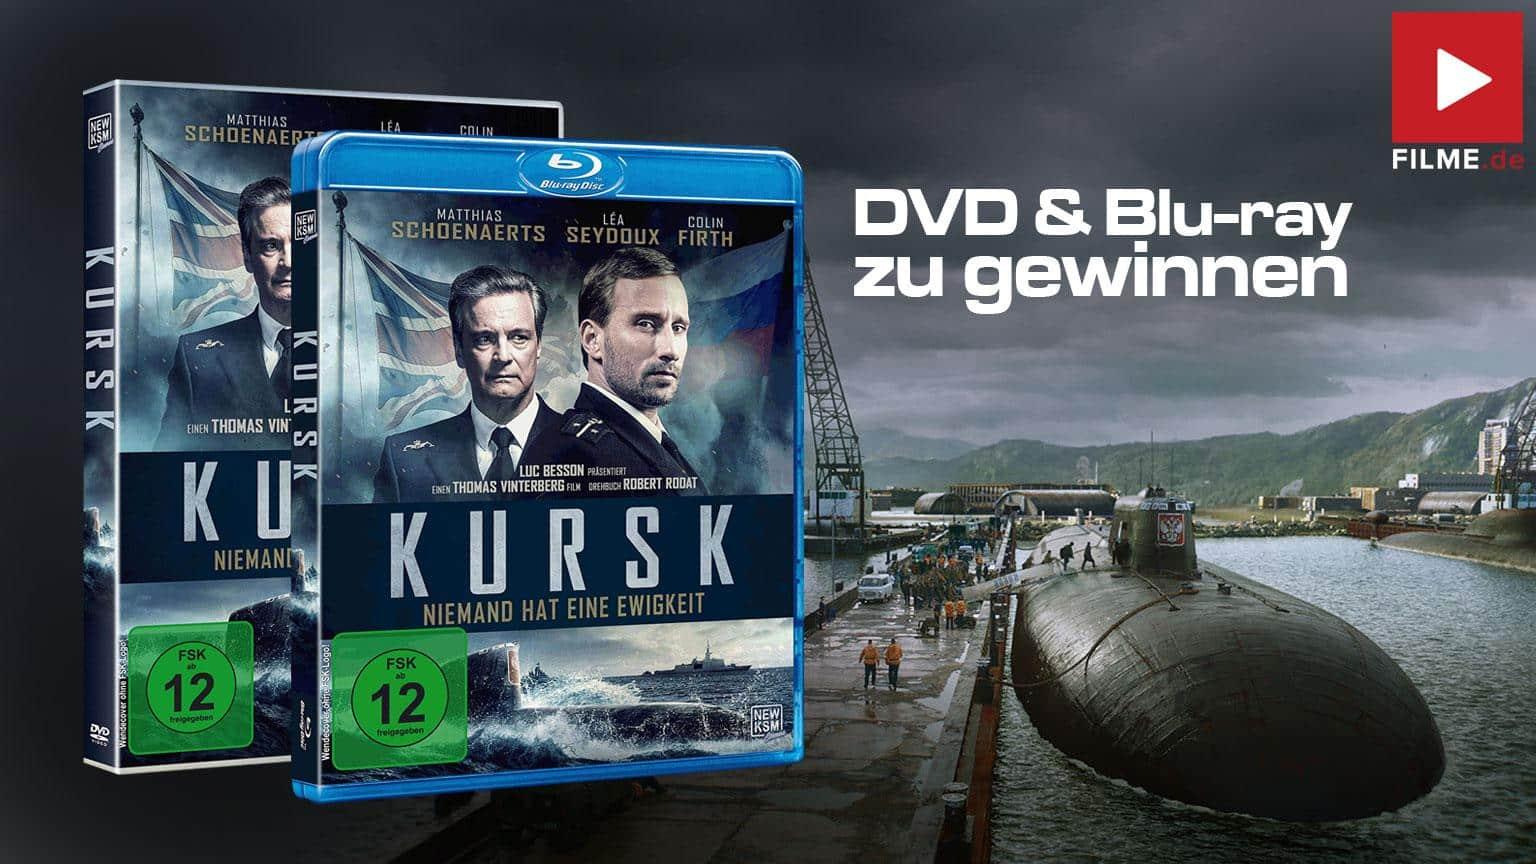 Kursk Gewinnspiel Blu-ray DVD shop kaufen